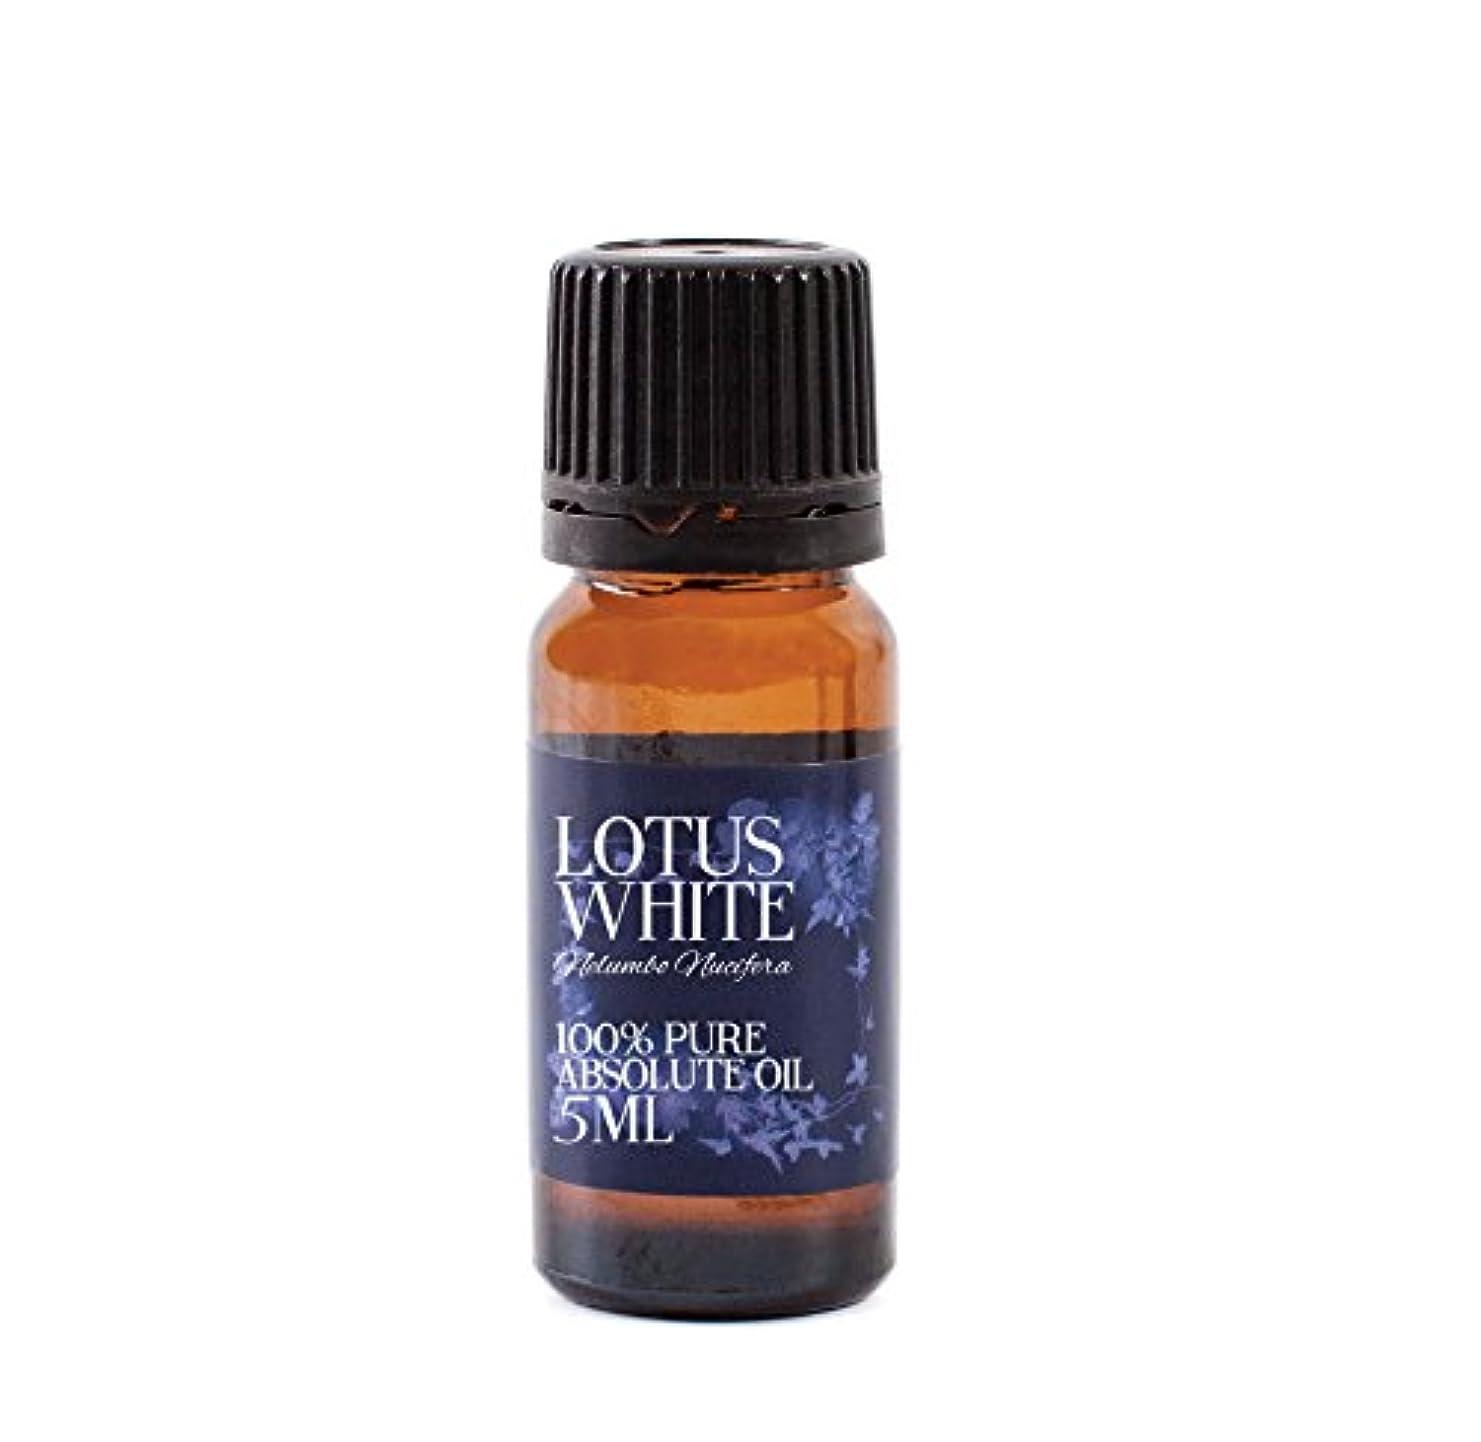 スチュワード認めるできたLotus White Absolute 5ml - 100% Pure